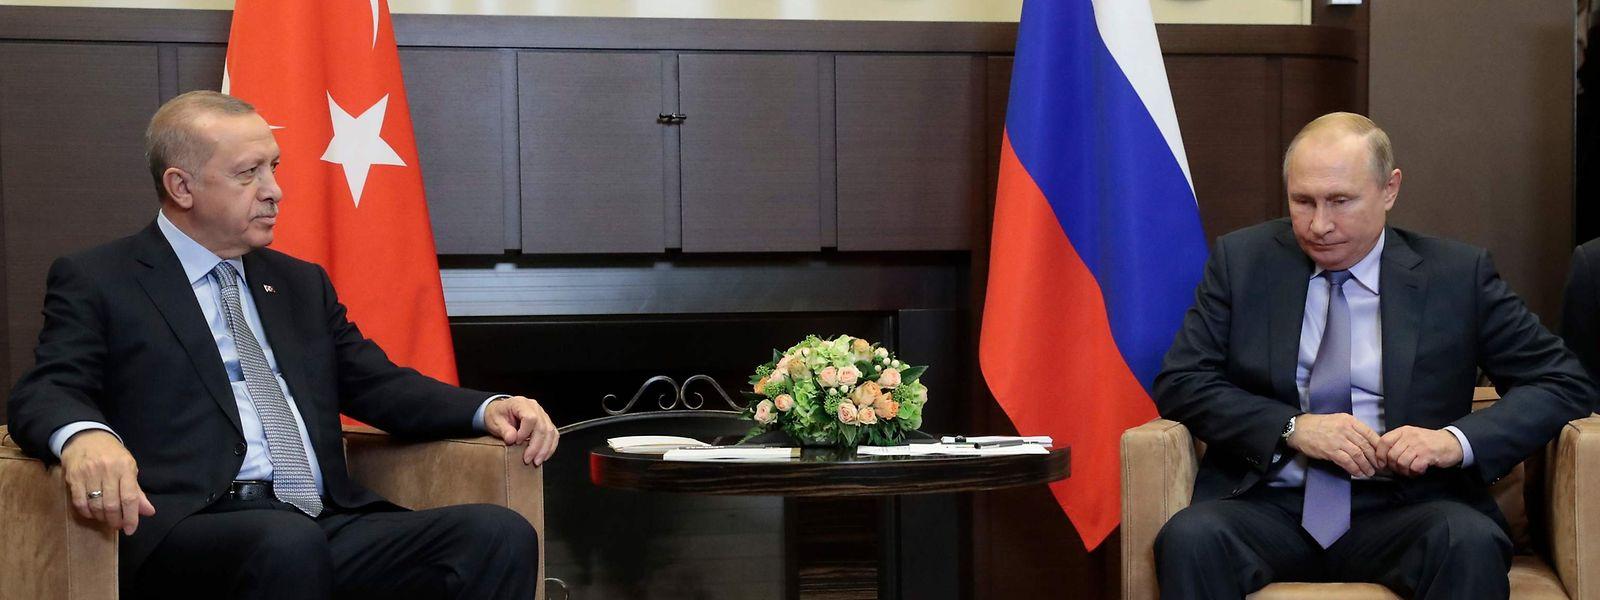 Vladimir Putin und sein türkischer Amtskollege Recep Tayyip Erdogan trafen sich am Dienstag.